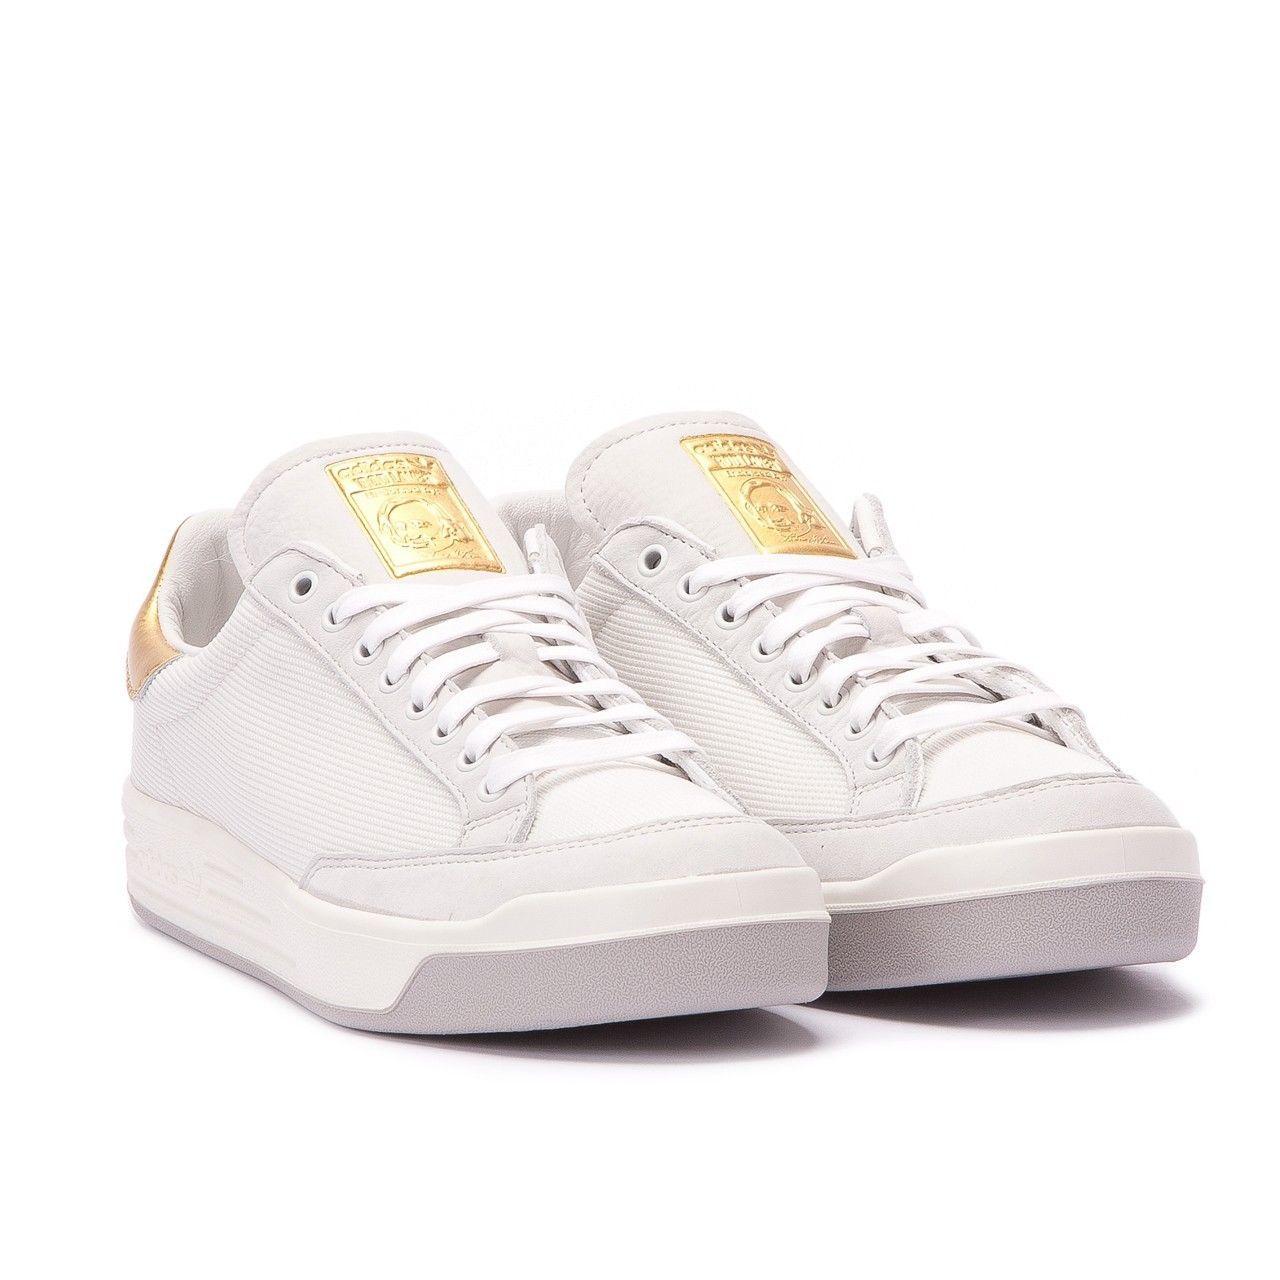 super popular cd1f5 28669 Adidas Originals Shoes Rod Laver 999 24K and 50 similar item